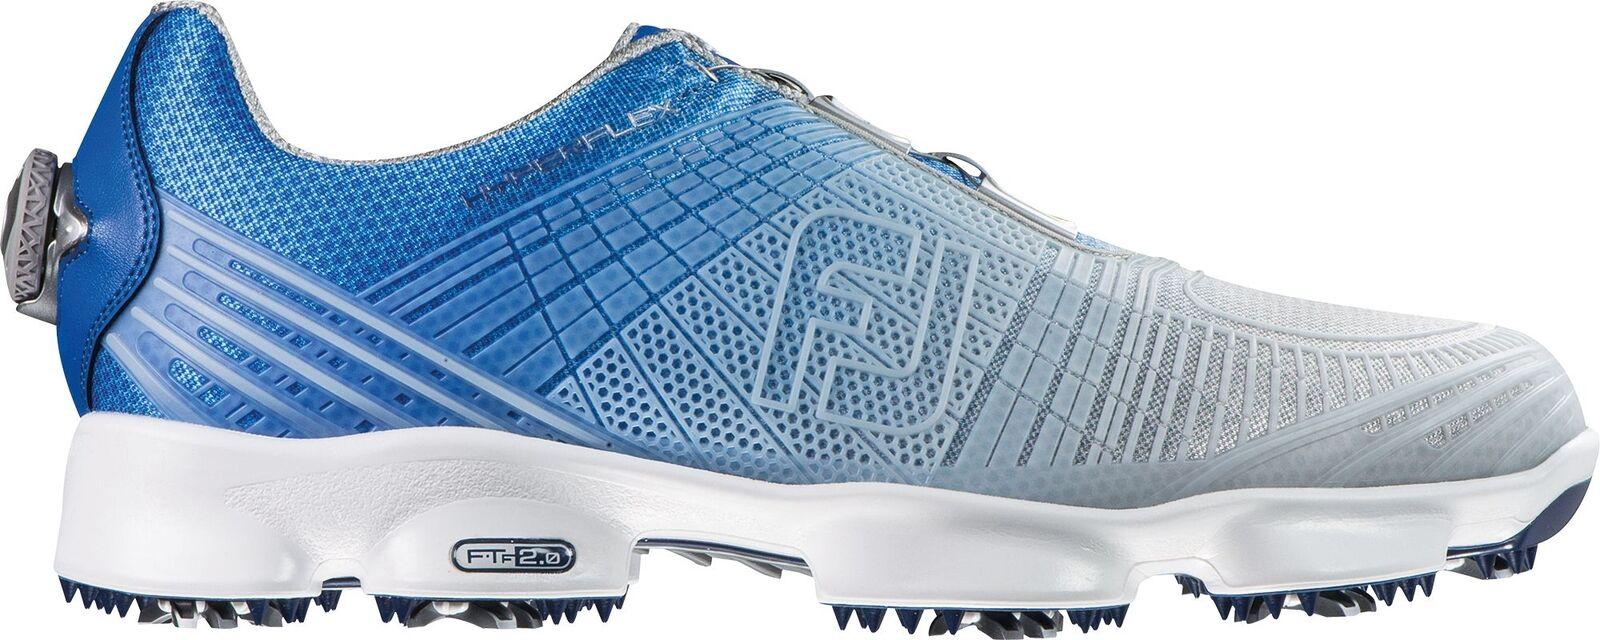 FootJoy HyperFlex 2Boa zapatos de golf 2016, hombre, Blue/SILVER